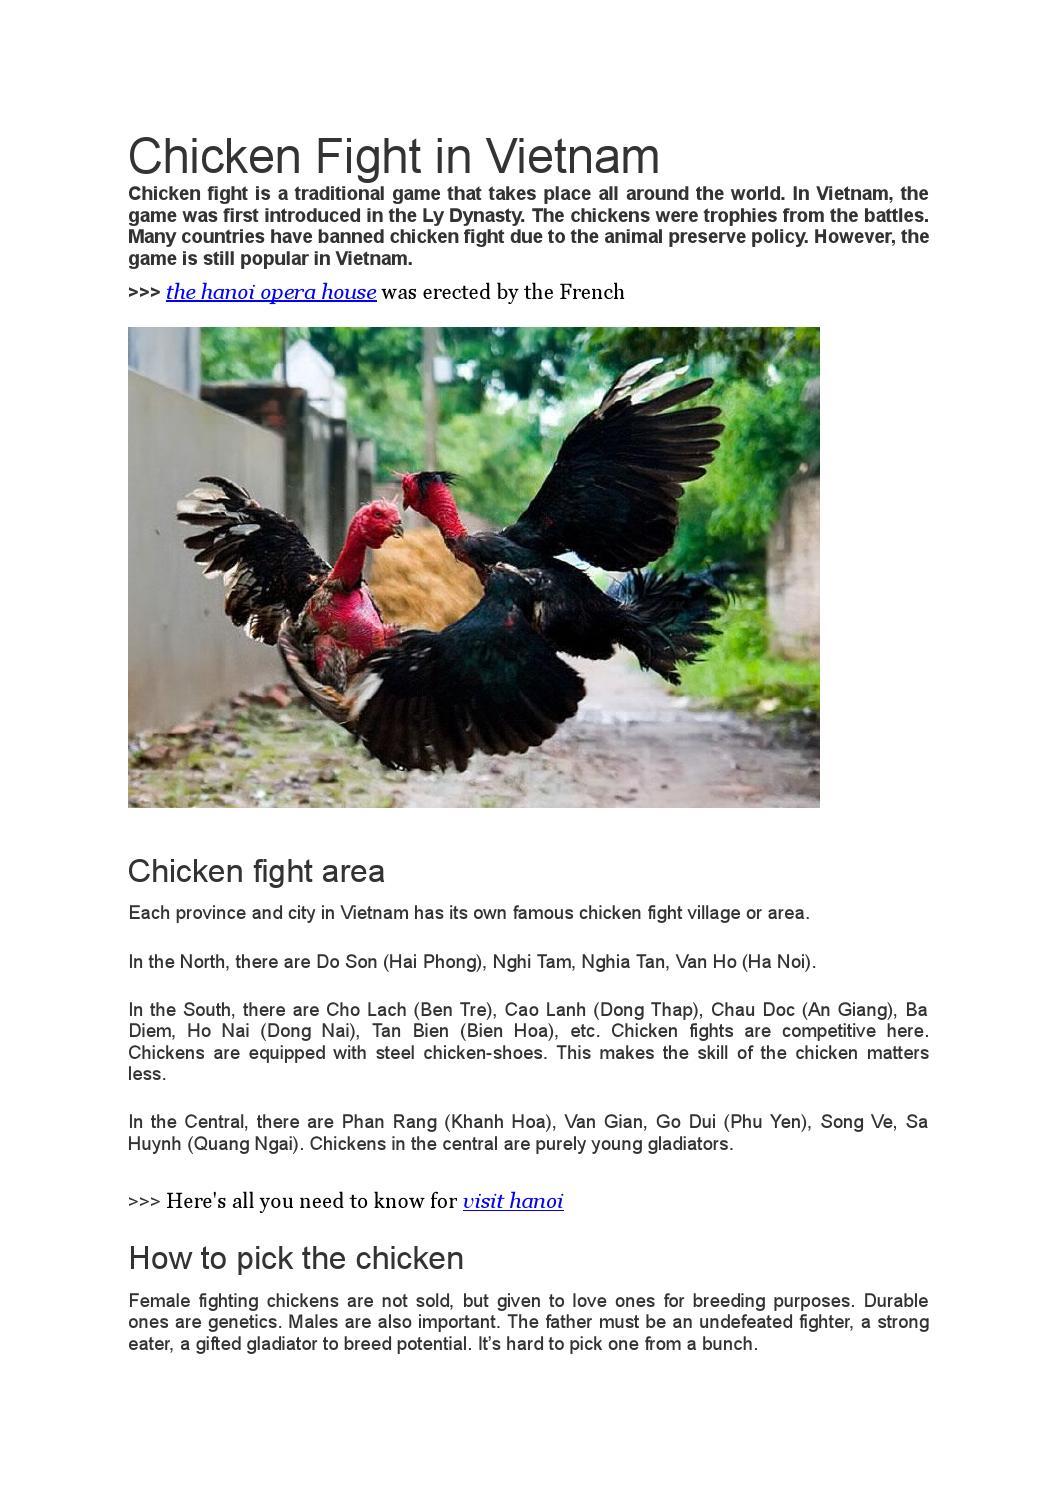 Chicken fight in vietnam by haphuonginet - issuu